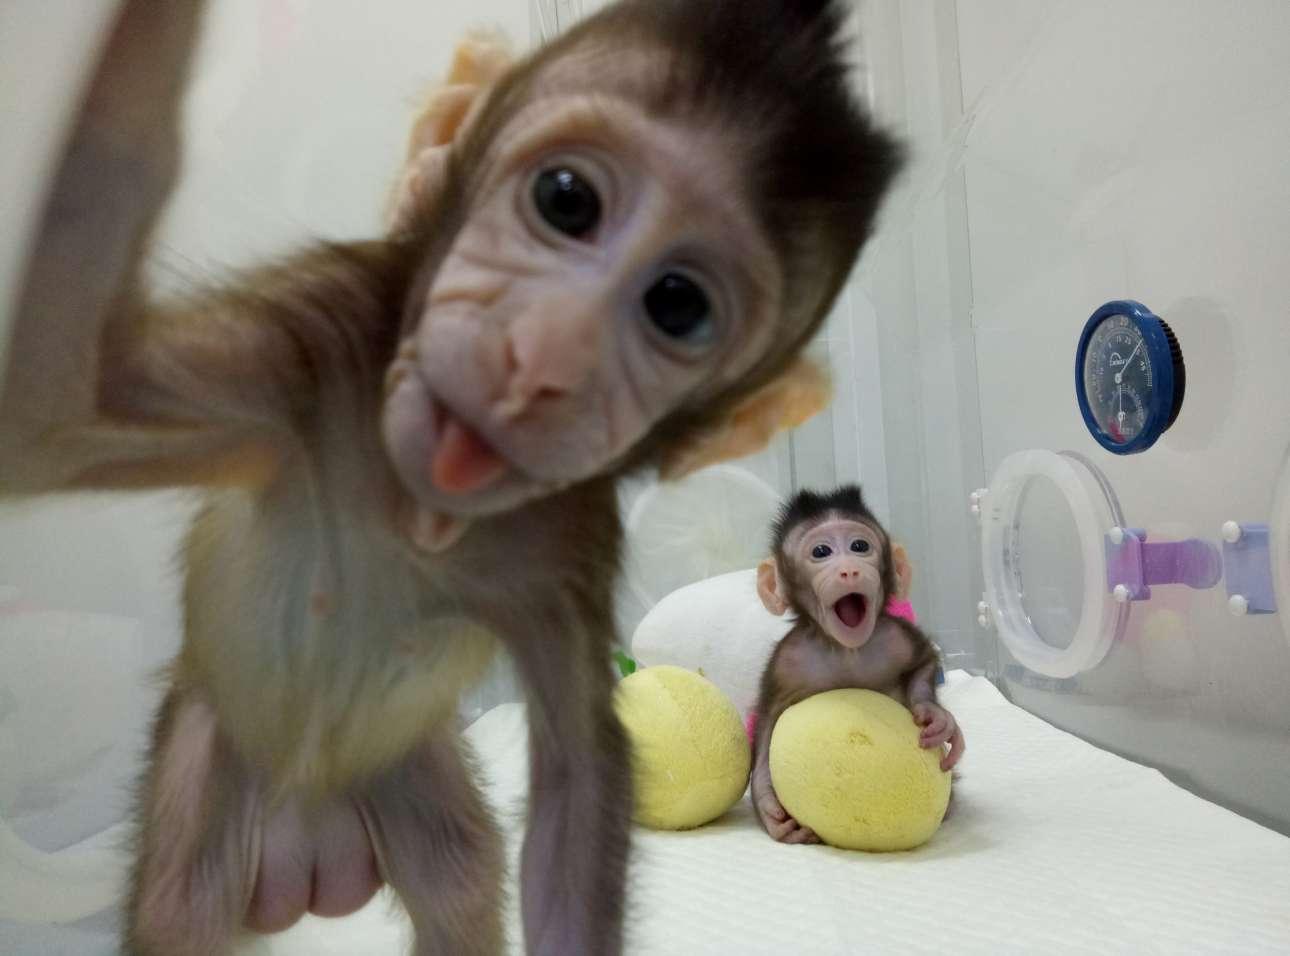 Τετάρτη, 24 Ιανουαρίου, Κίνα. Τα κλωνοποιημένα θηλυκά μαϊμουδάκια Ζονγκ Ζονγκ και Χούα Χούα διακρίνονται σε ειδικό θάλαμο στην Κινεζική Ακαδημία Επιστημών, στη Σαγκάη. Σύμφωνα με τους επιστήμονες, τα μαϊμουδάκια κλωνοποιήθηκαν με την μέθοδο κλωνοποίησης που δημιούργησε το διάσημο πρόβατο Ντόλι και στόχος είναι να δημιουργηθούν παρτίδες γενετικά όμοιων μαϊμούδων για χρήση στην ιατρική έρευνα